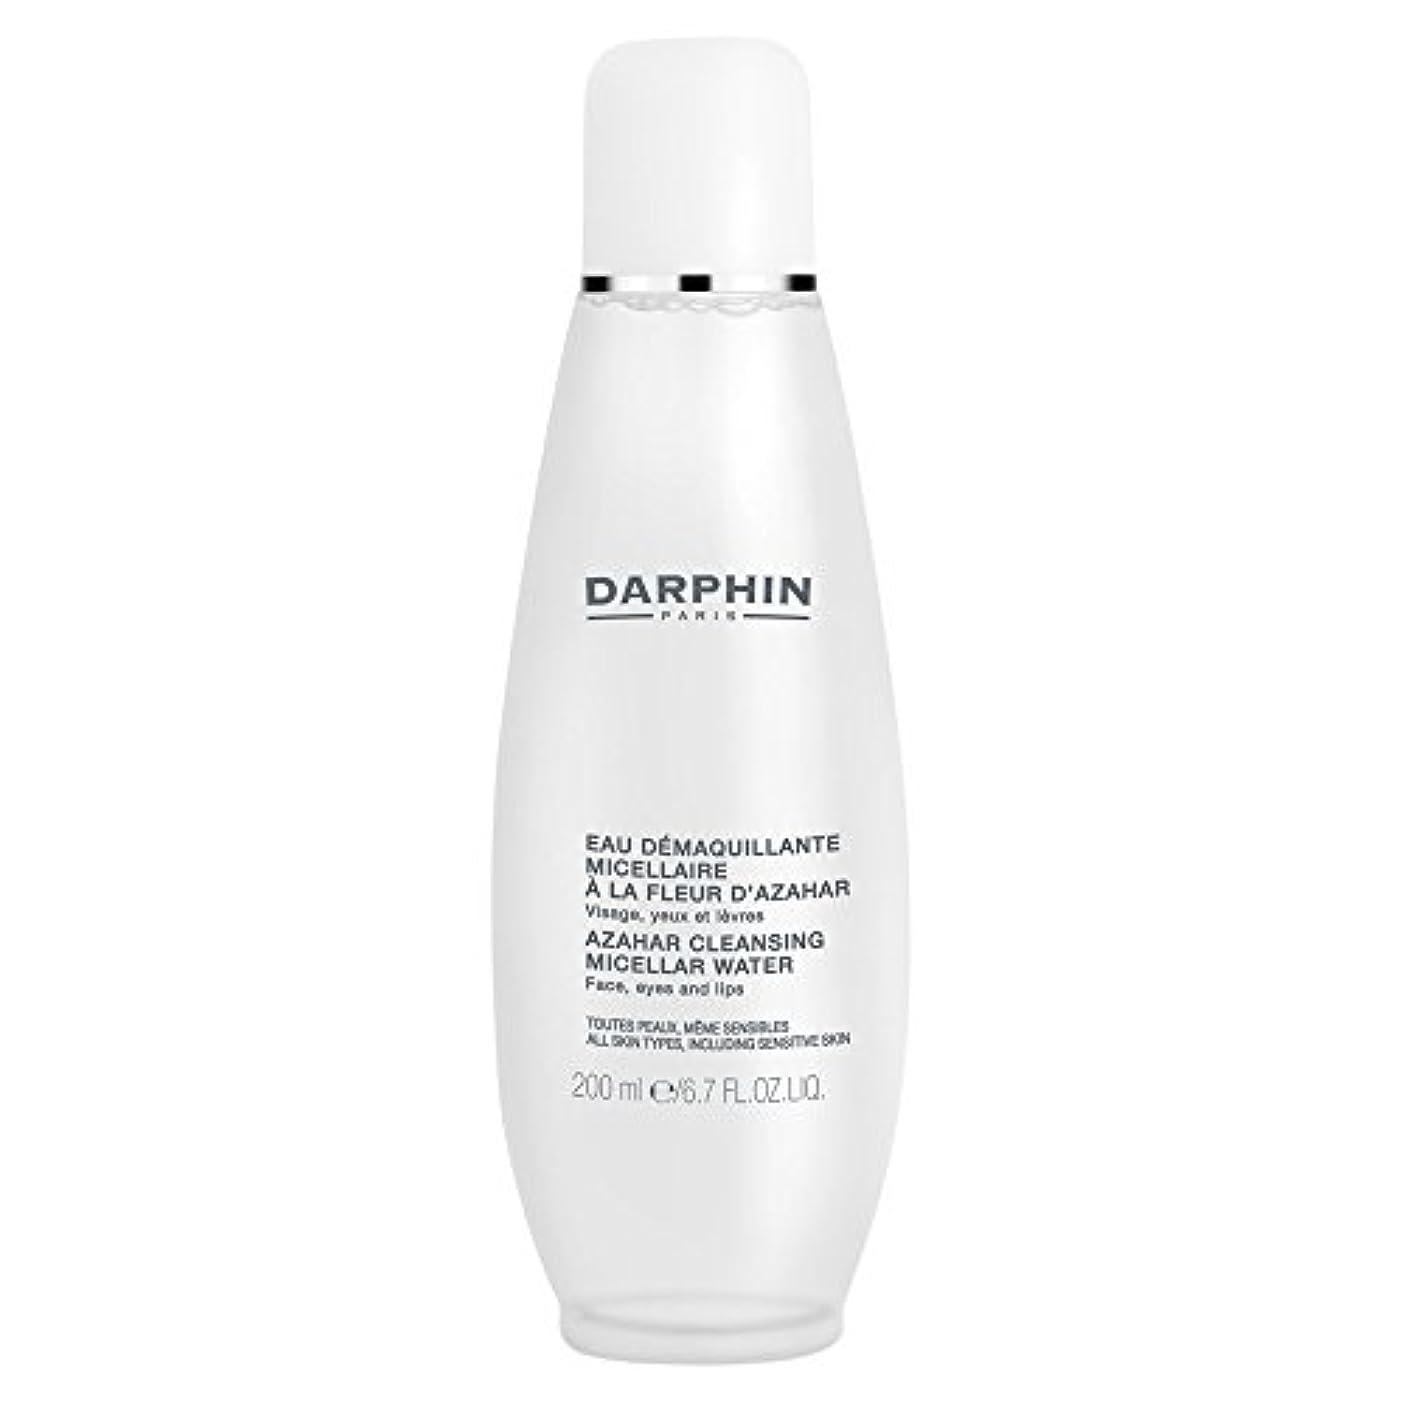 推進ゴネリル美人ミセル水クレンジングアサールダルファン、200ミリリットル (Darphin) (x6) - Darphin Azahar Cleansing Micellar Water, 200ml (Pack of 6) [並行輸入品]